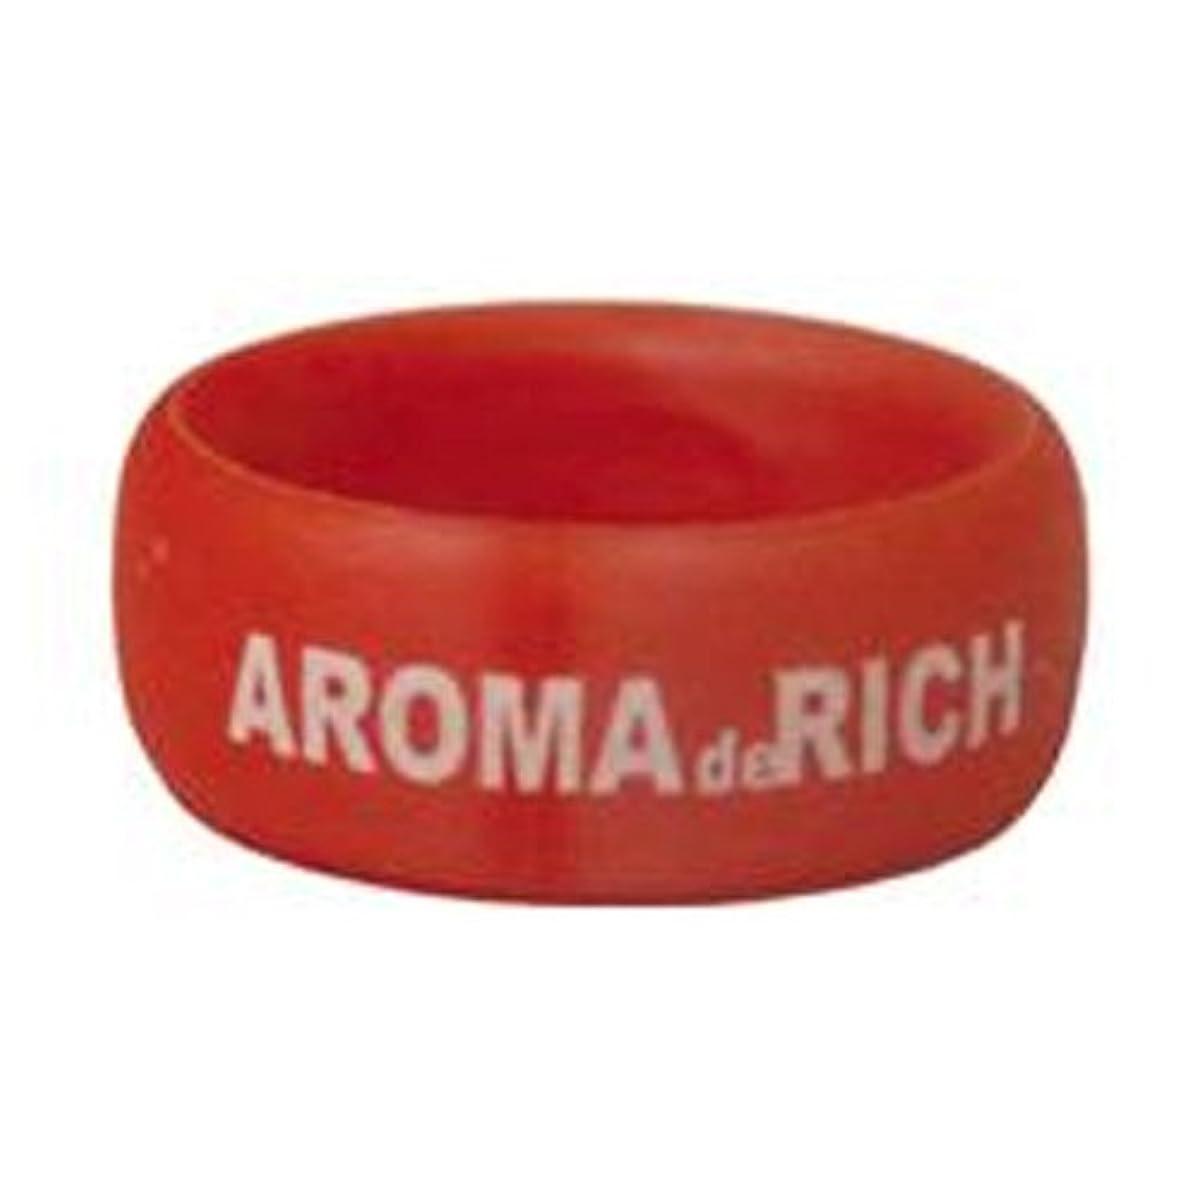 飲食店ジョイント加入AROMA DE RICH?RING アロマリングB 3個セット フラワーフレグランス